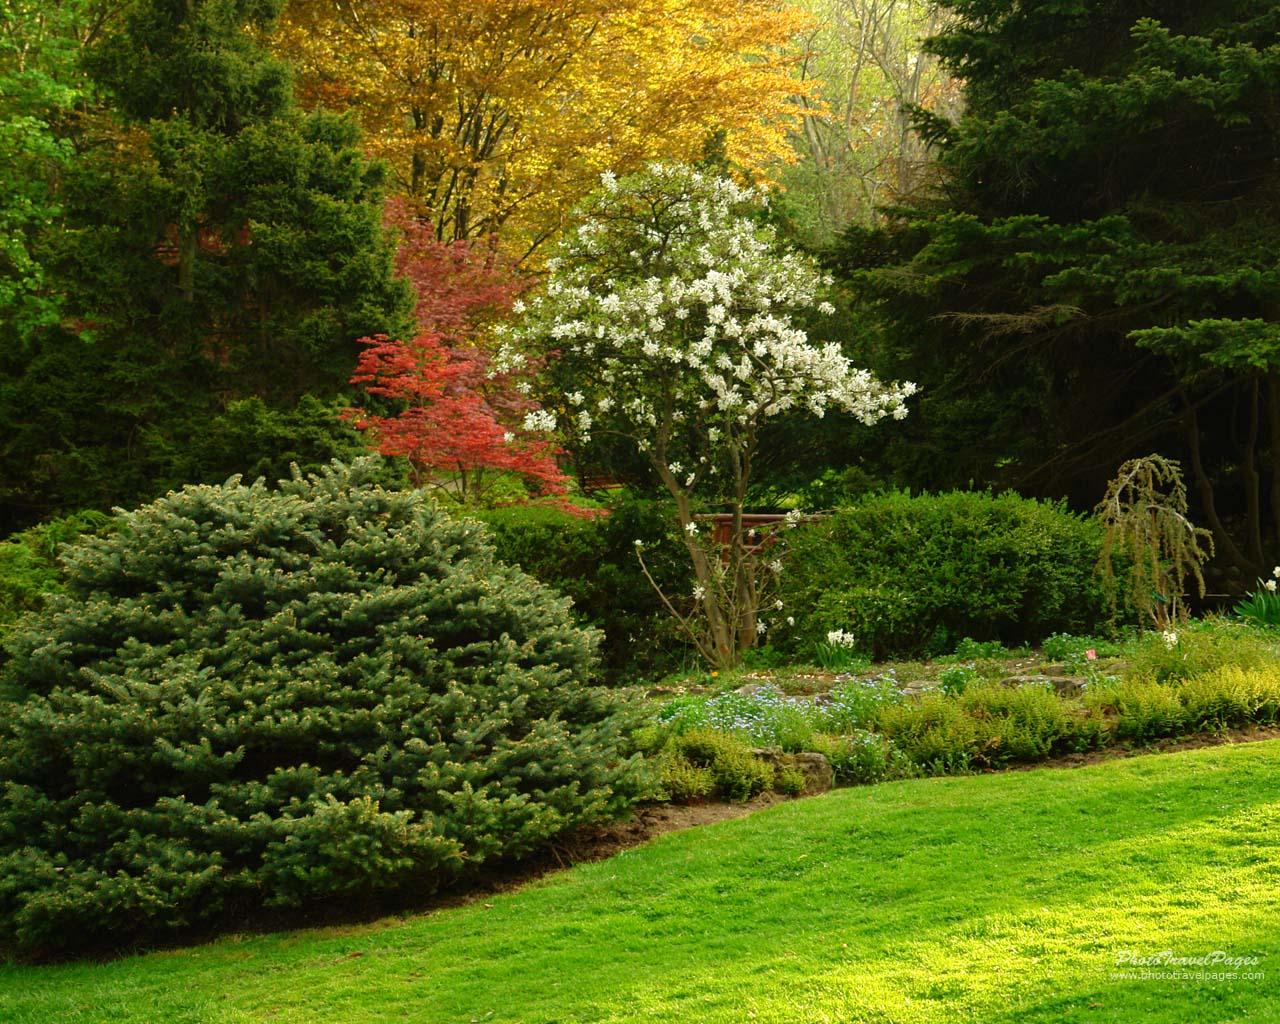 http://2.bp.blogspot.com/-_Xr-W6ENKGI/UQT3qzExZpI/AAAAAAAAR94/j6ctbv25Cn0/s1600/garden-344586.jpg